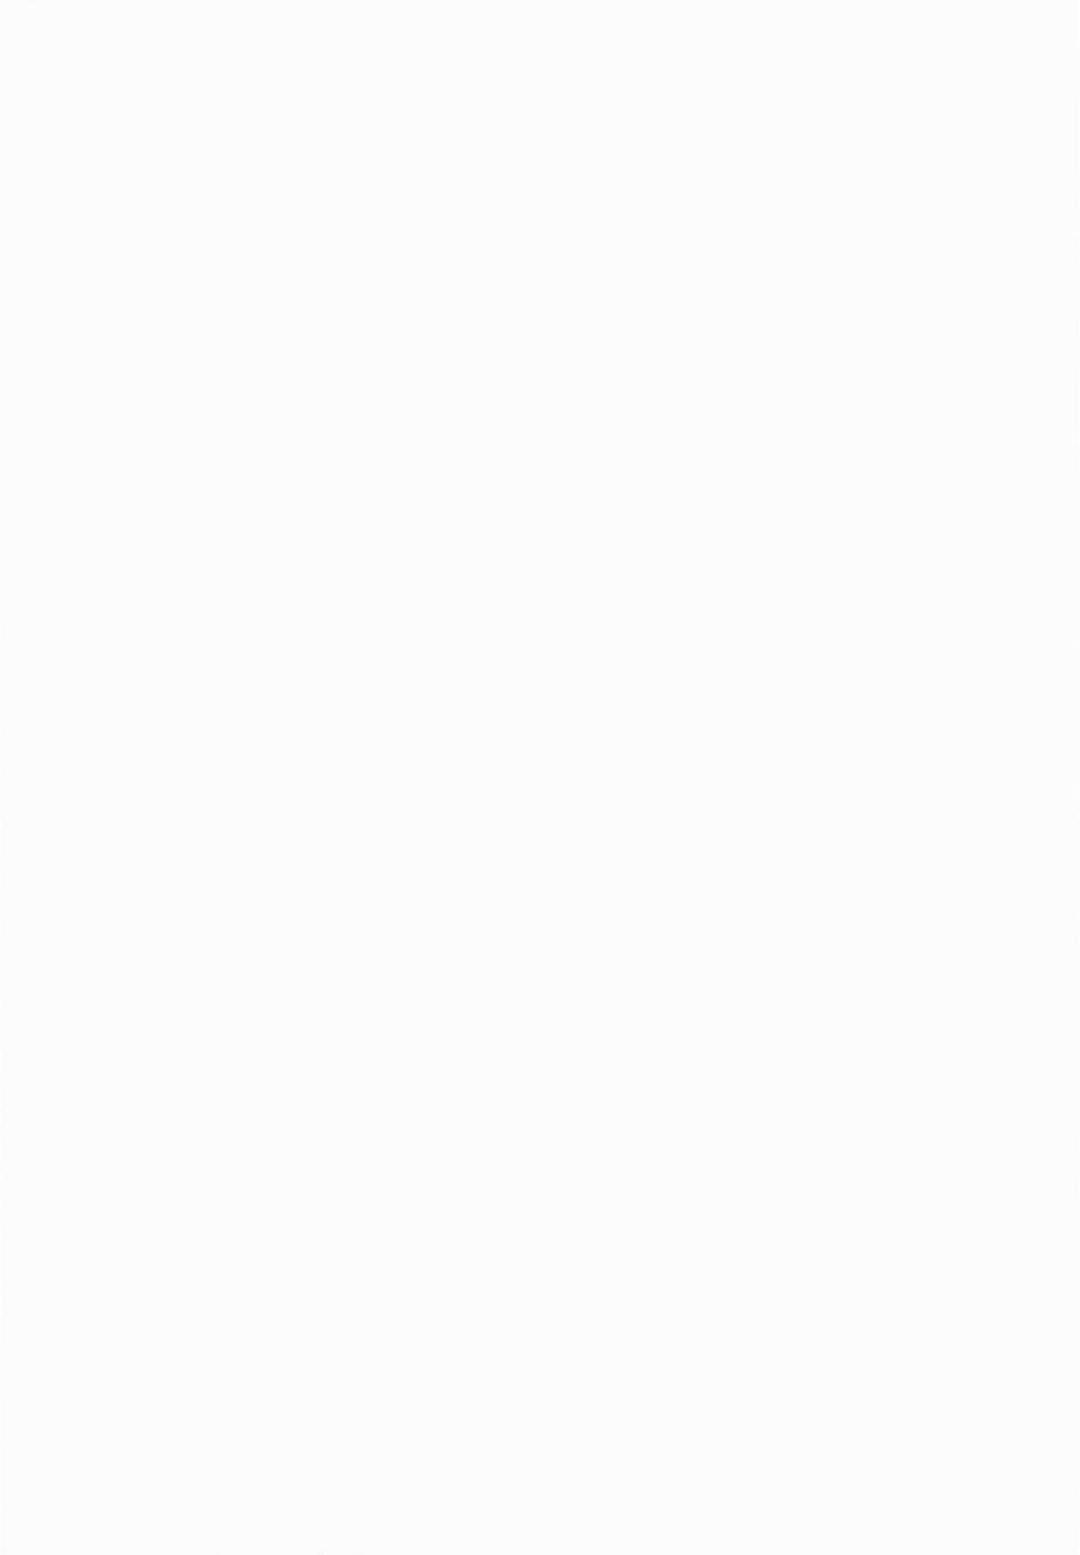 【アイドルマスターシンデレラガールズエロ漫画】プロデューサーを見るとドキドキしてしまう茜はドキドキの理由を知るためにプロデューサーとイチャラブセックス【黒すけ】